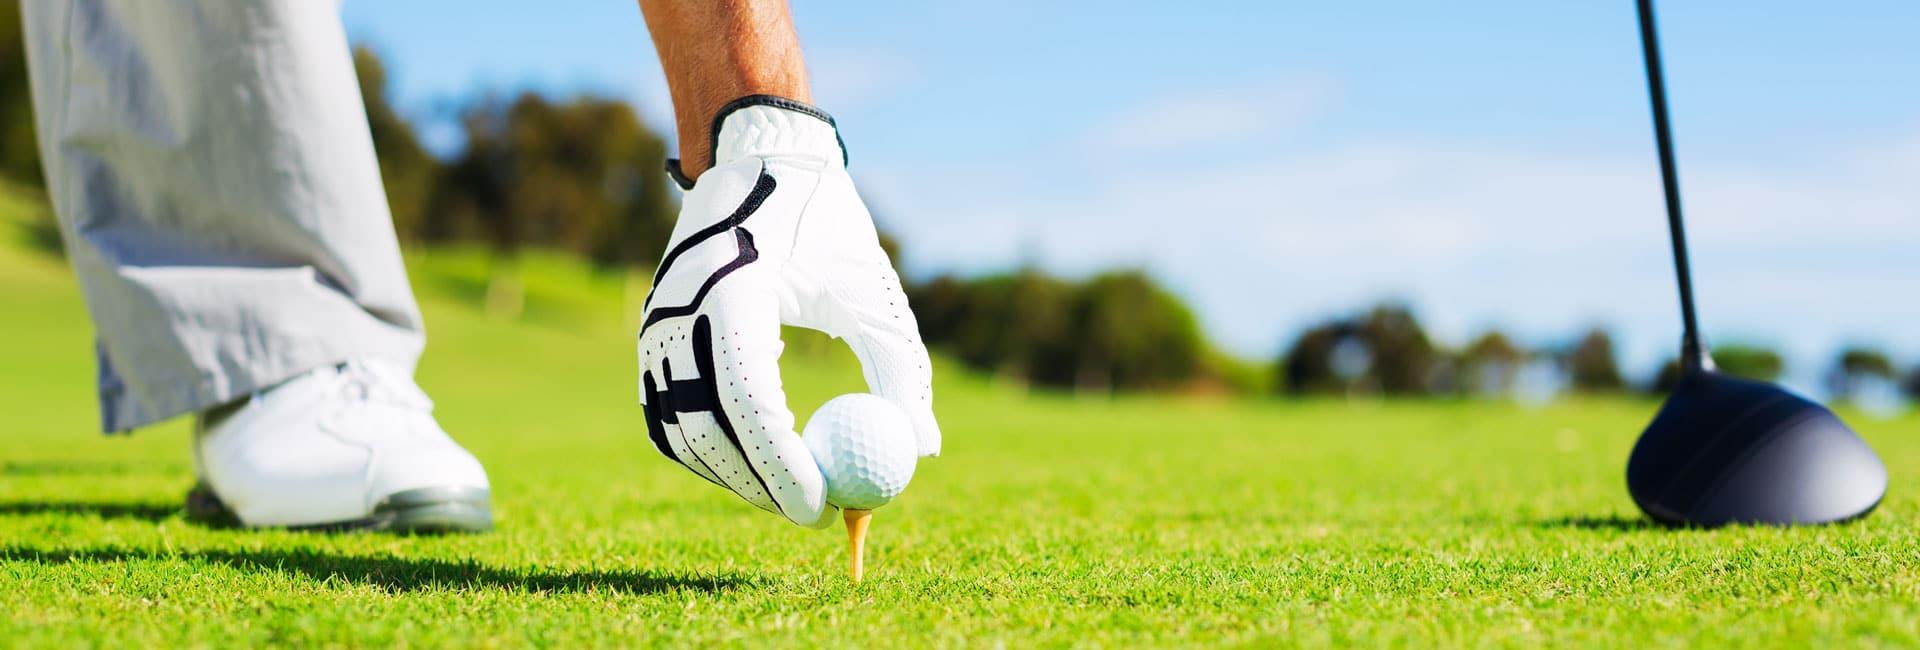 Golfer teeing up ball